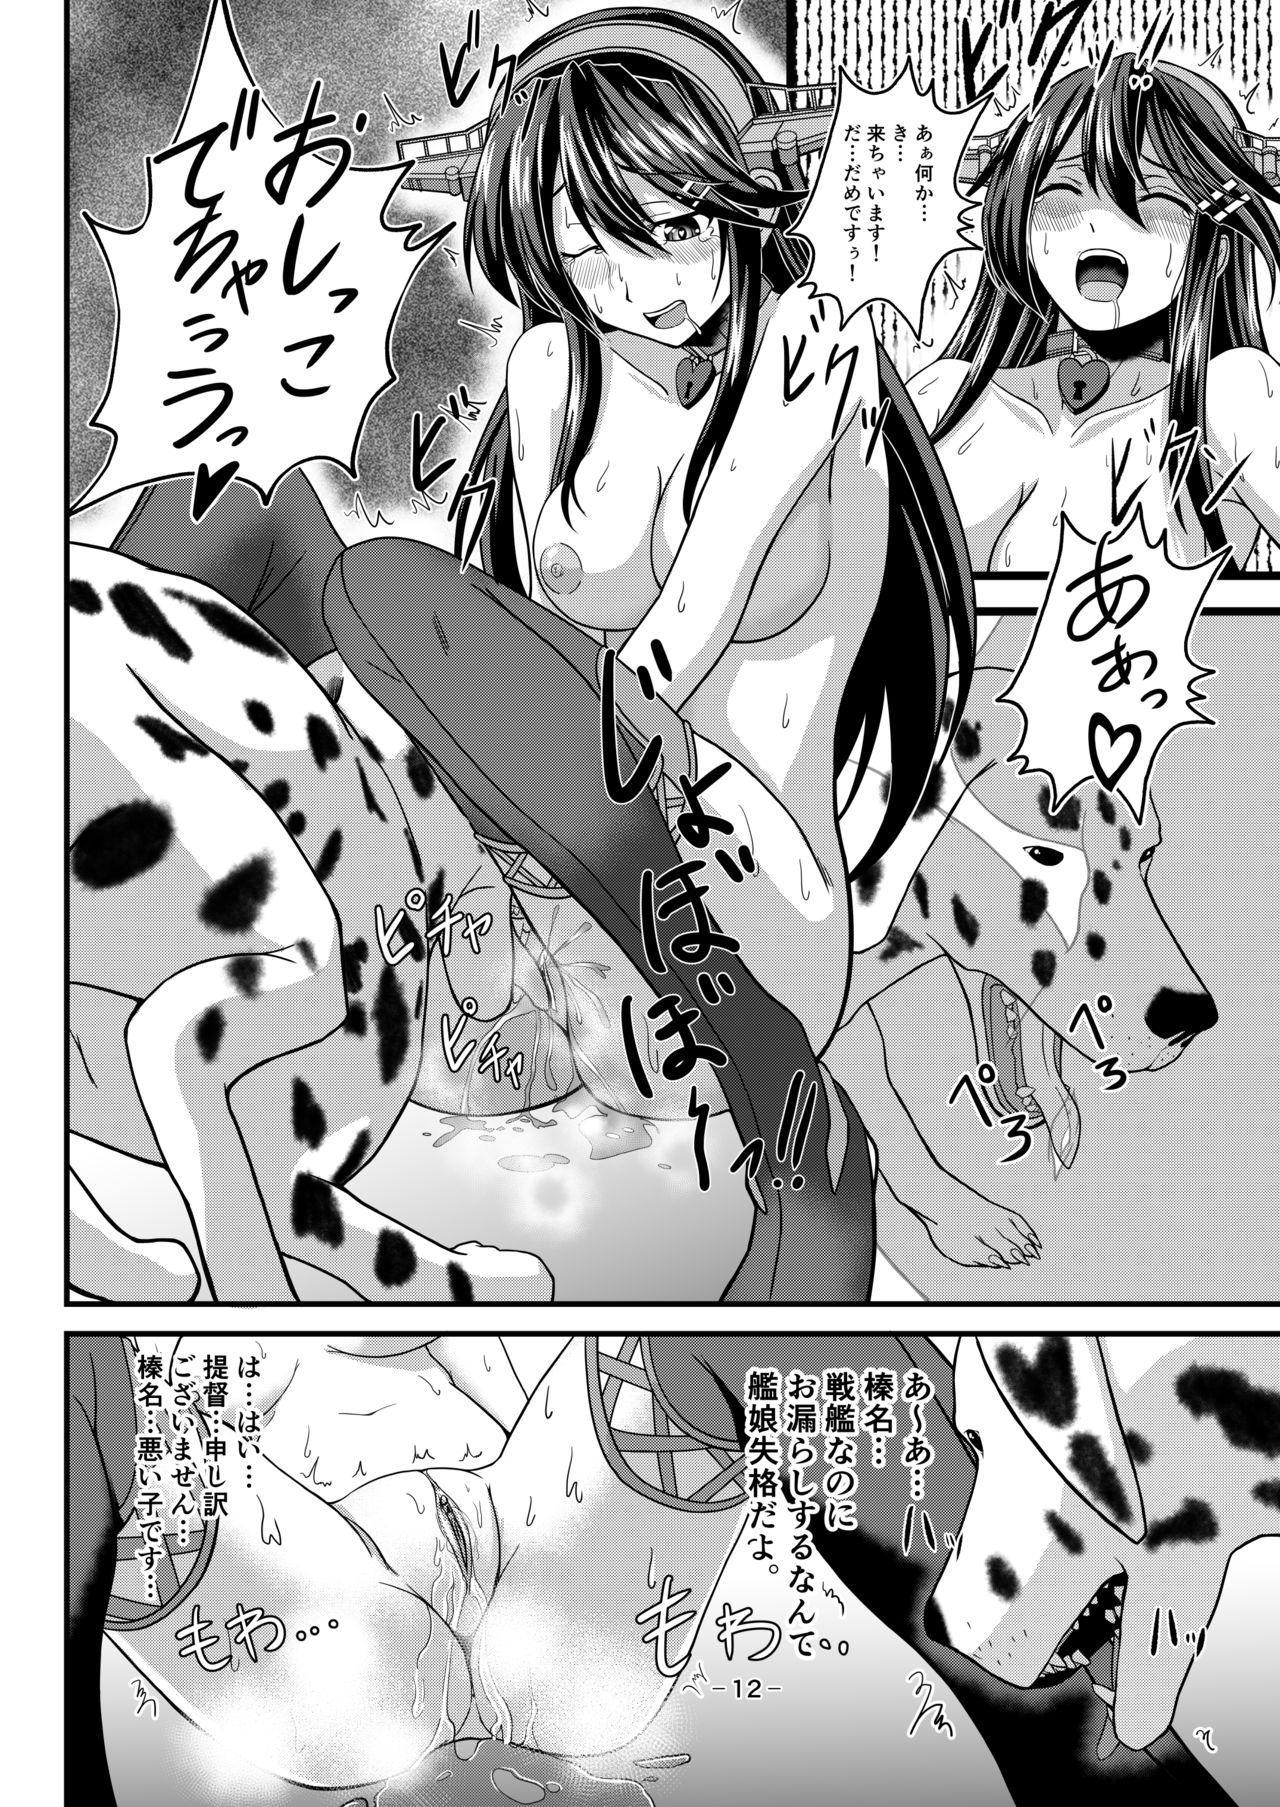 Hai, Haruna wa Daijoubu desu! Haruna x Sakunyuu x Juukan 10